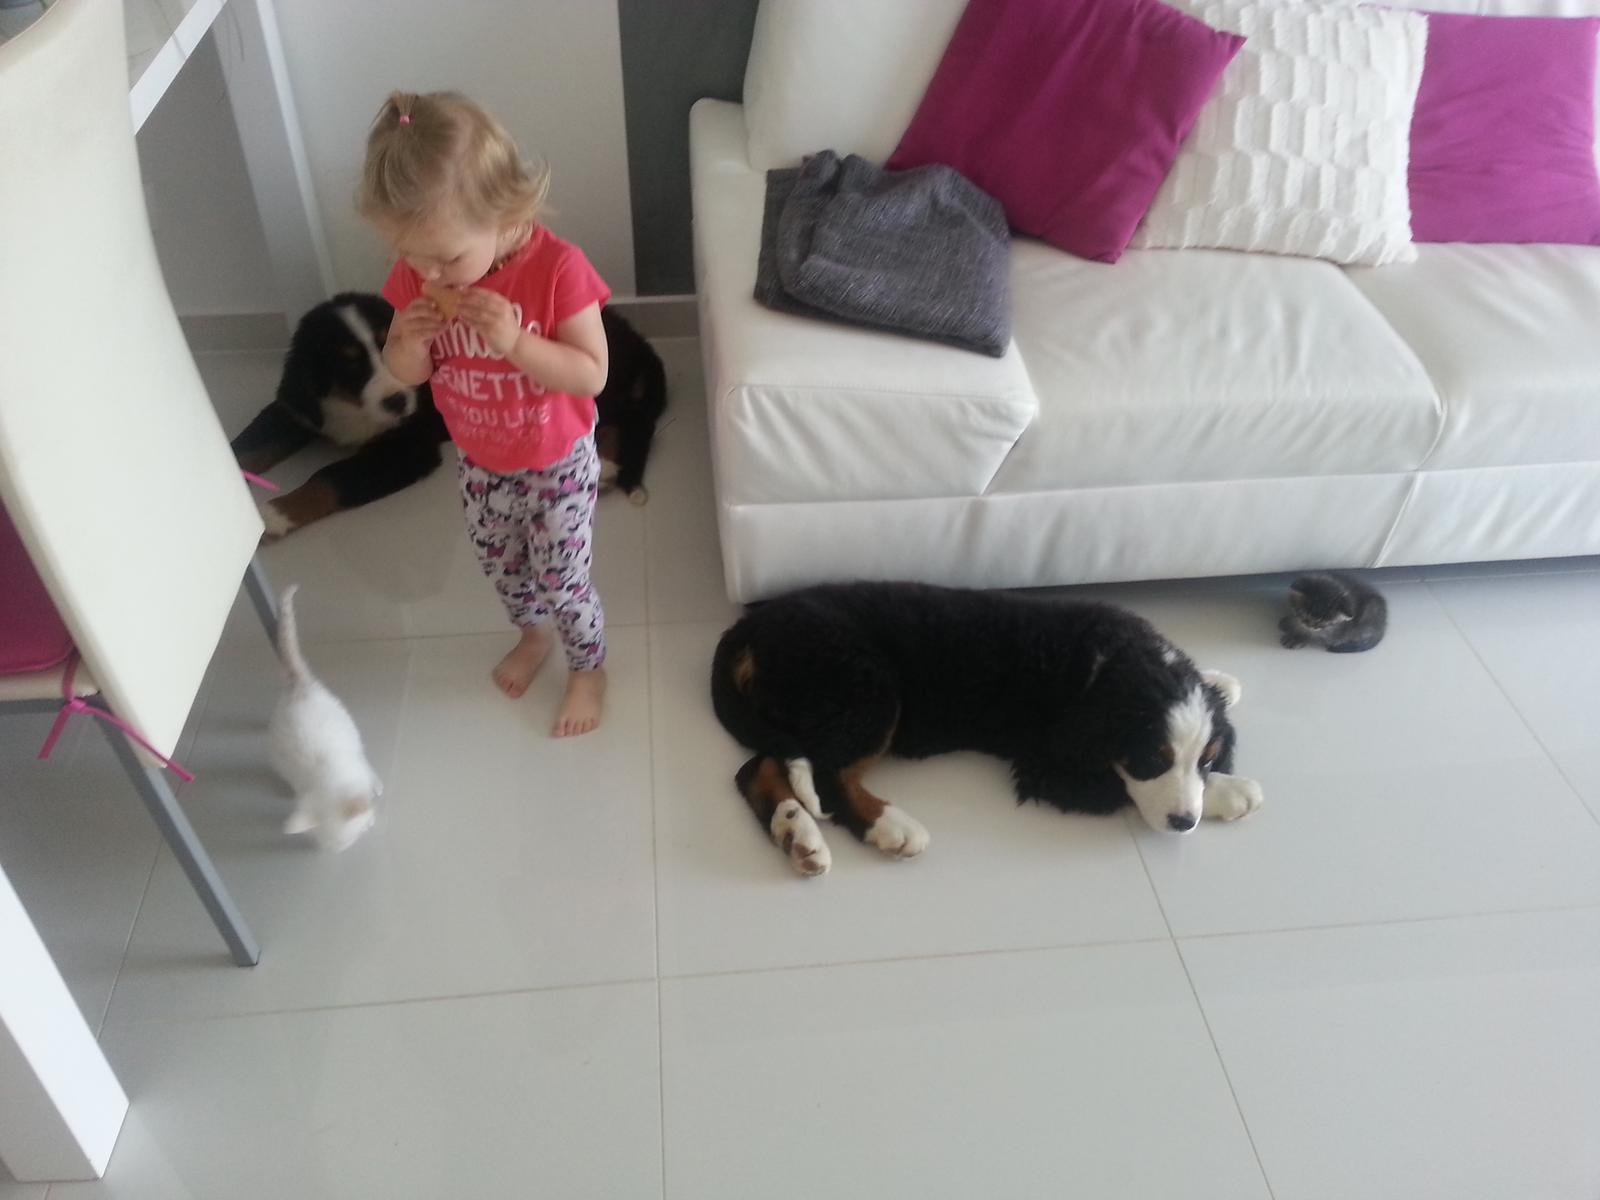 Nas zverinec - dve fenky,jeden pes a dvaja kocurikovia - Obrázok č. 8